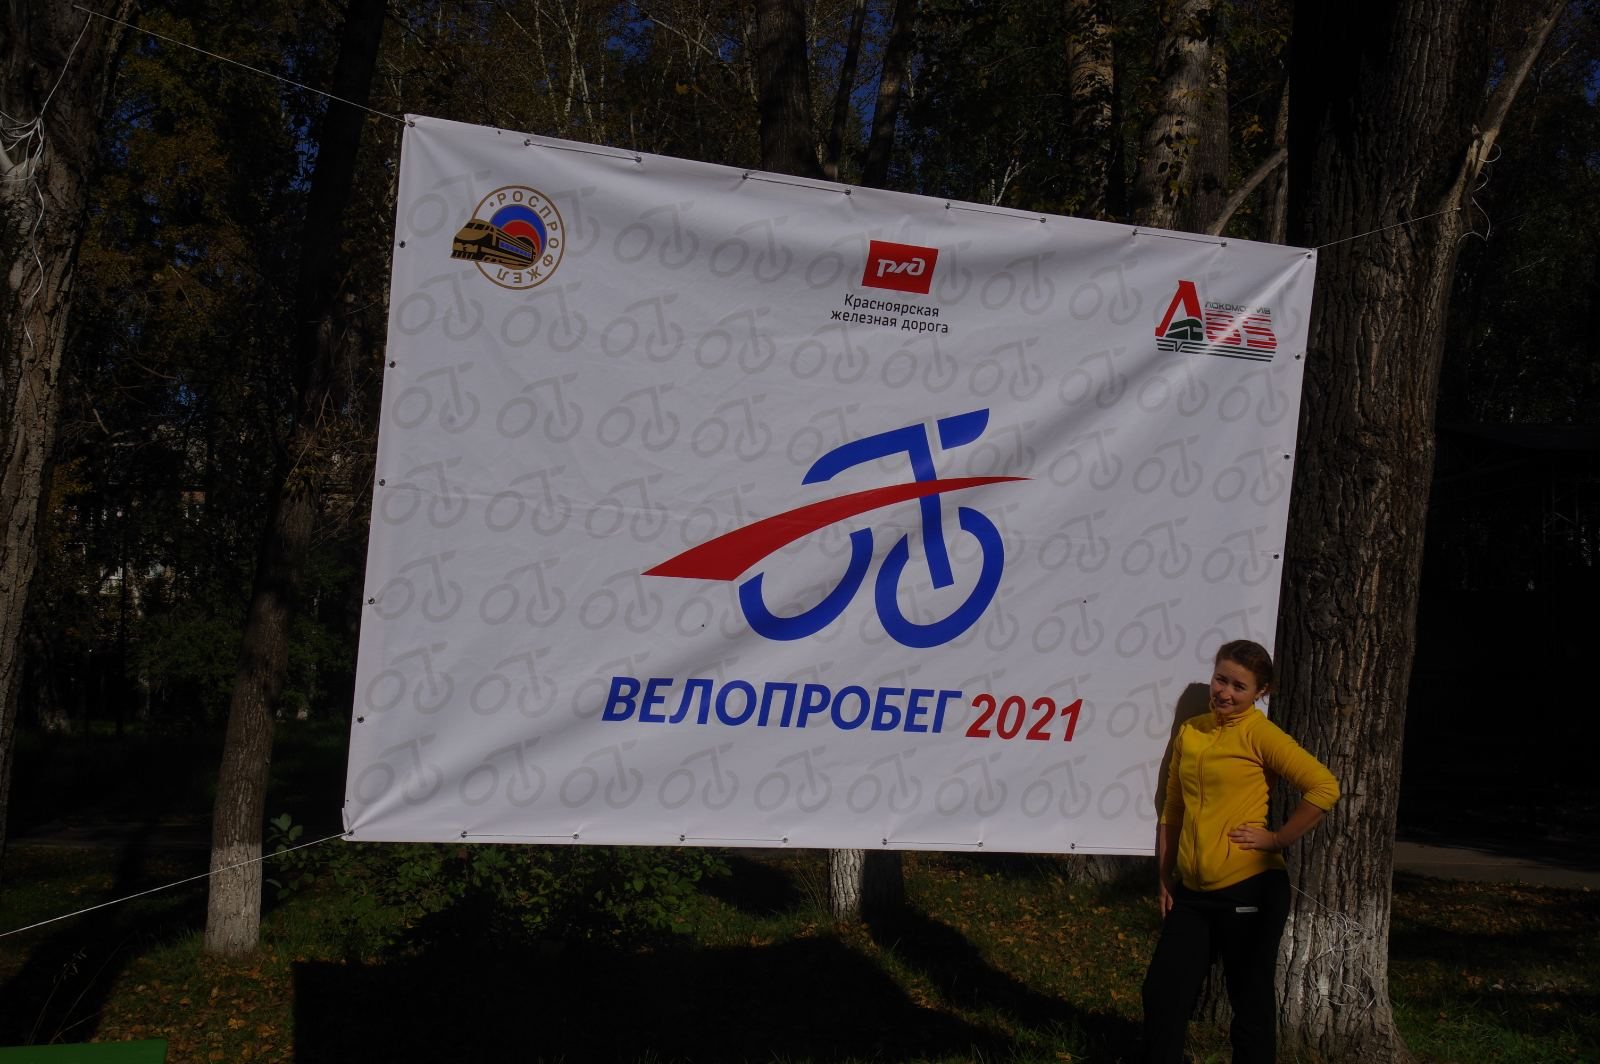 Спортивный праздник, приуроченный к 85-летию РФСО «Локомотив», на ст.Иланская 28 августа 2021